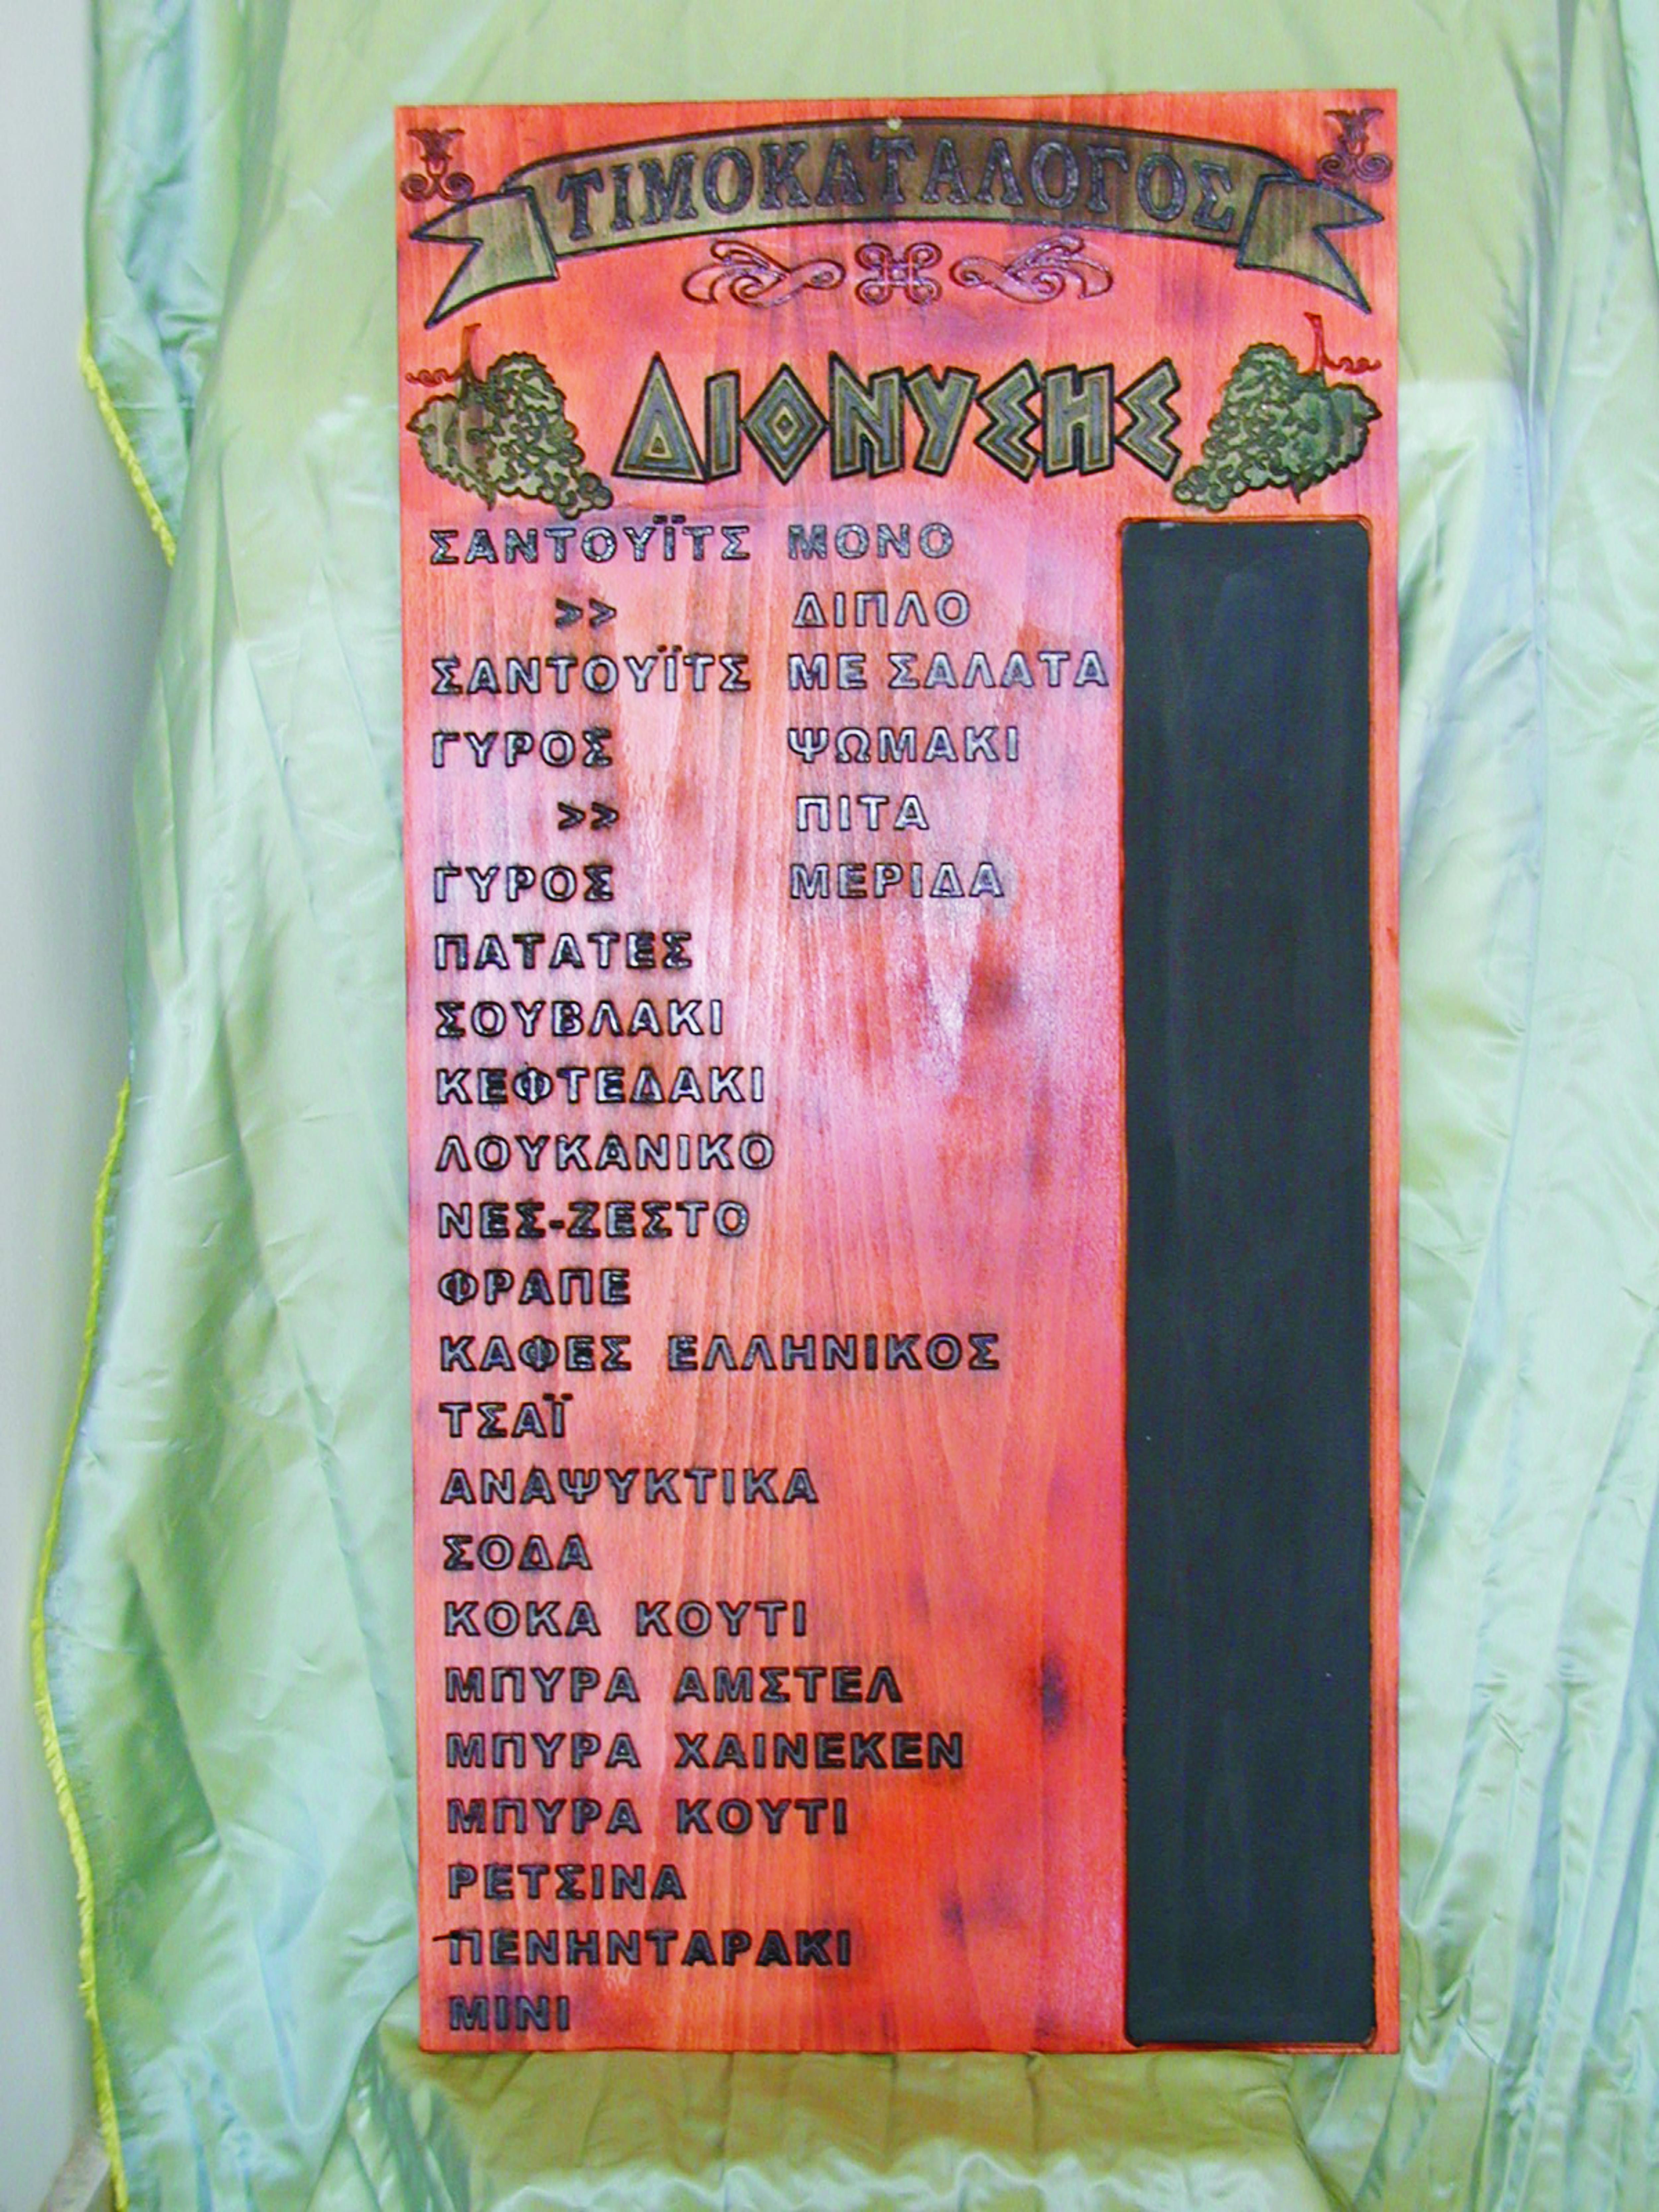 τιμοκαταλογος ,ξυλινοσ,ταβερνα,timokatalogos,xilini,epigrafi,